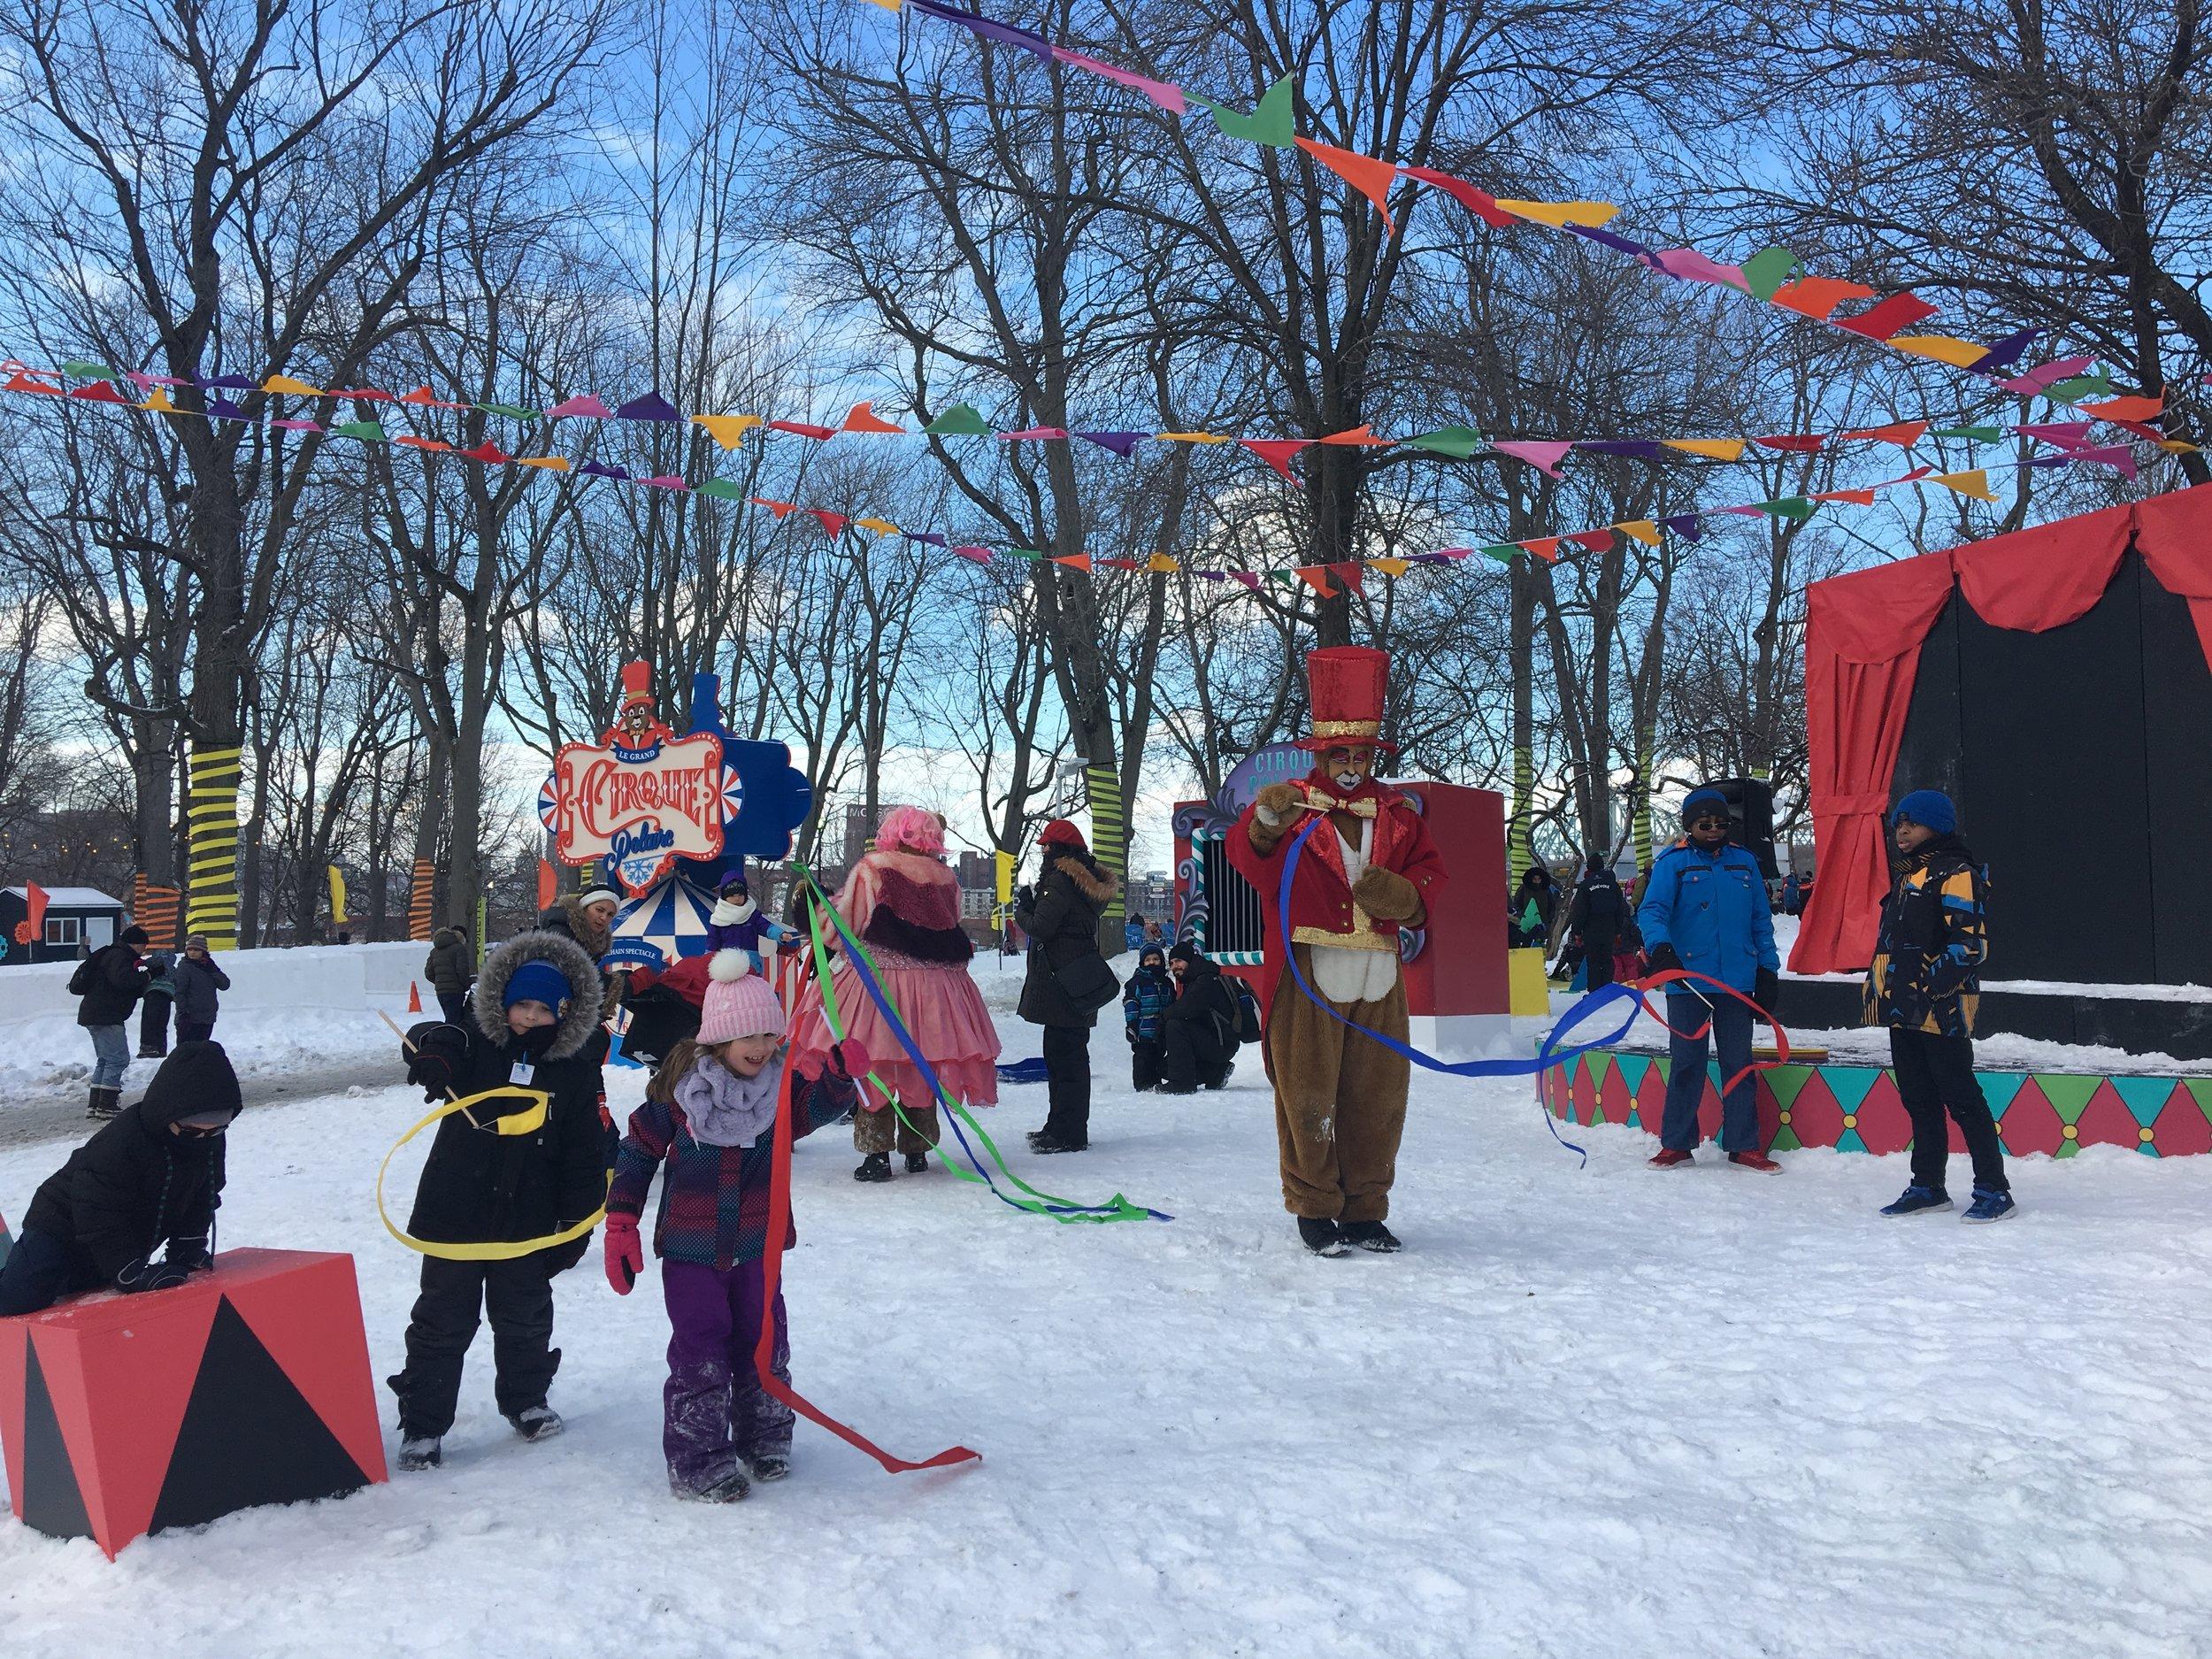 Fêtes des neiges de Montréal-sortie en famille-jouer dehors-glissade sur tubes-jouer dehors-activité familiale-MamanBricole-Je suis une maman